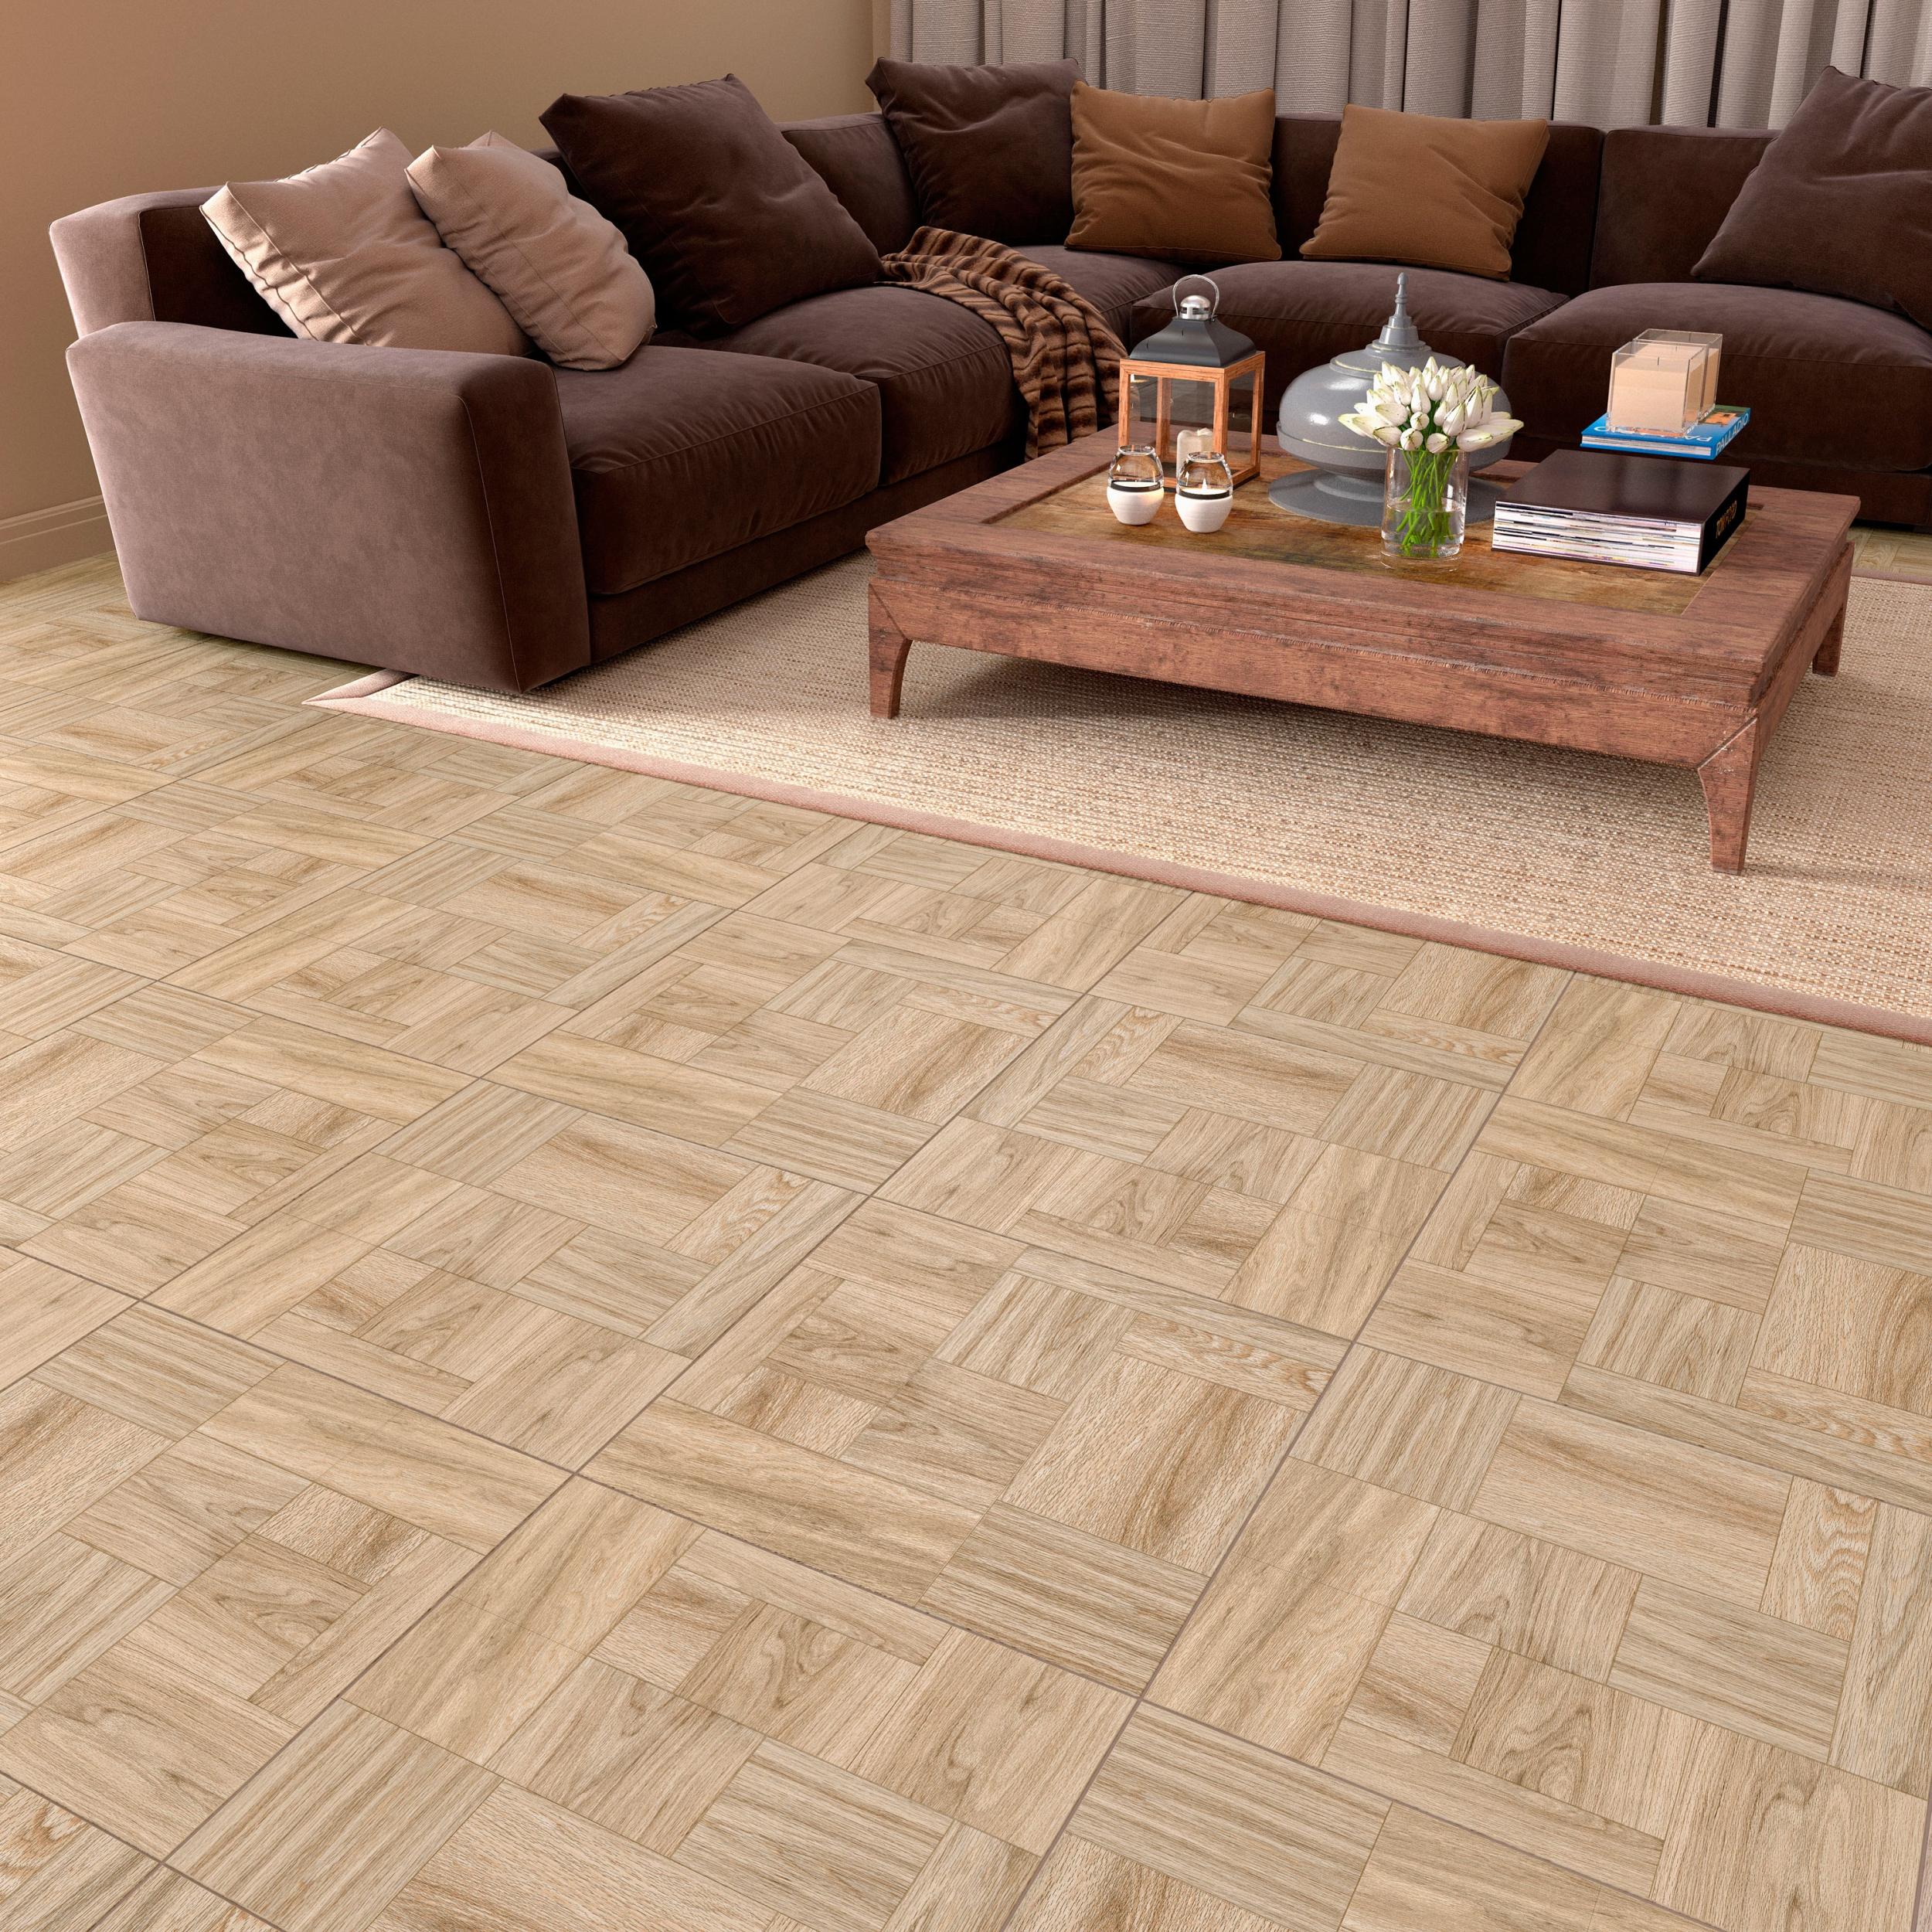 Плитка для пола Керамогранит Ривер Вуд / River Wood LB-CERAMICS: цвет - белый; размер плитки - 45x45 - Купить в интернет-магазине Мир Керамики